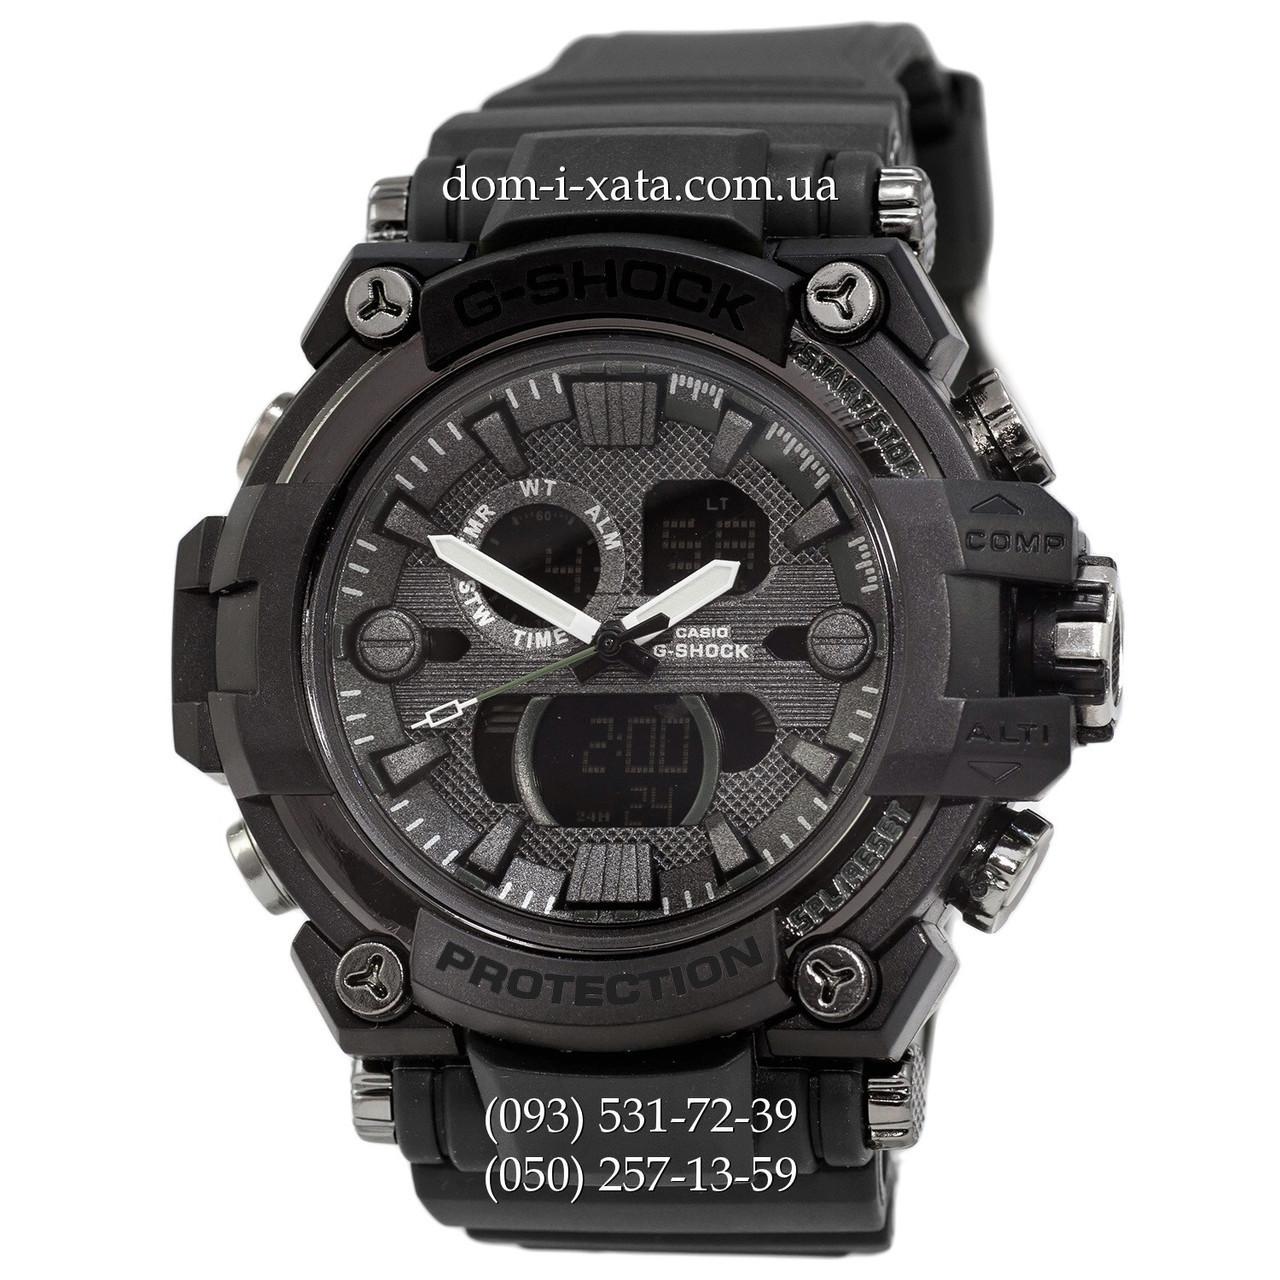 Электронные часы Casio G-Shock GWA-1045 All Black, спортивные часы Джи Шок черный, реплика, отличное качество!